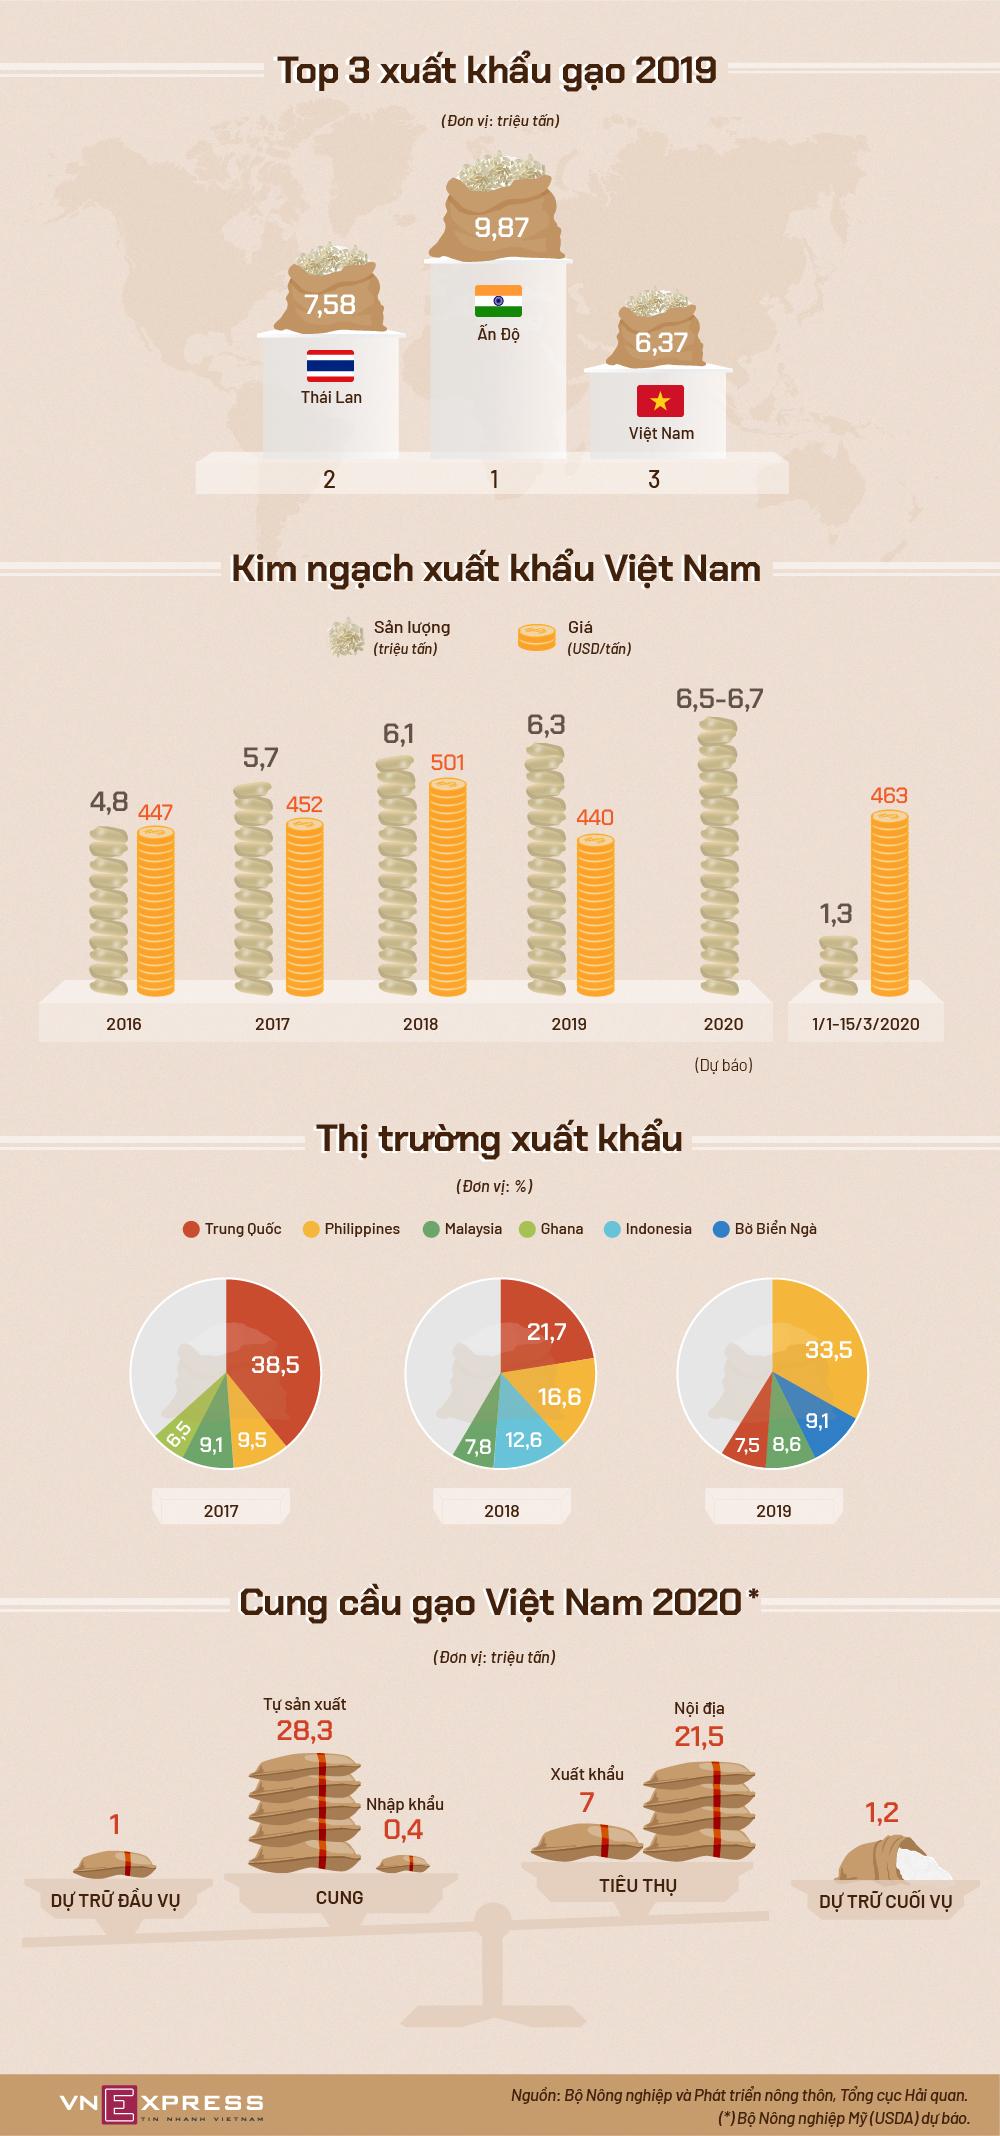 Việt Nam xuất khẩu gạo thế nào